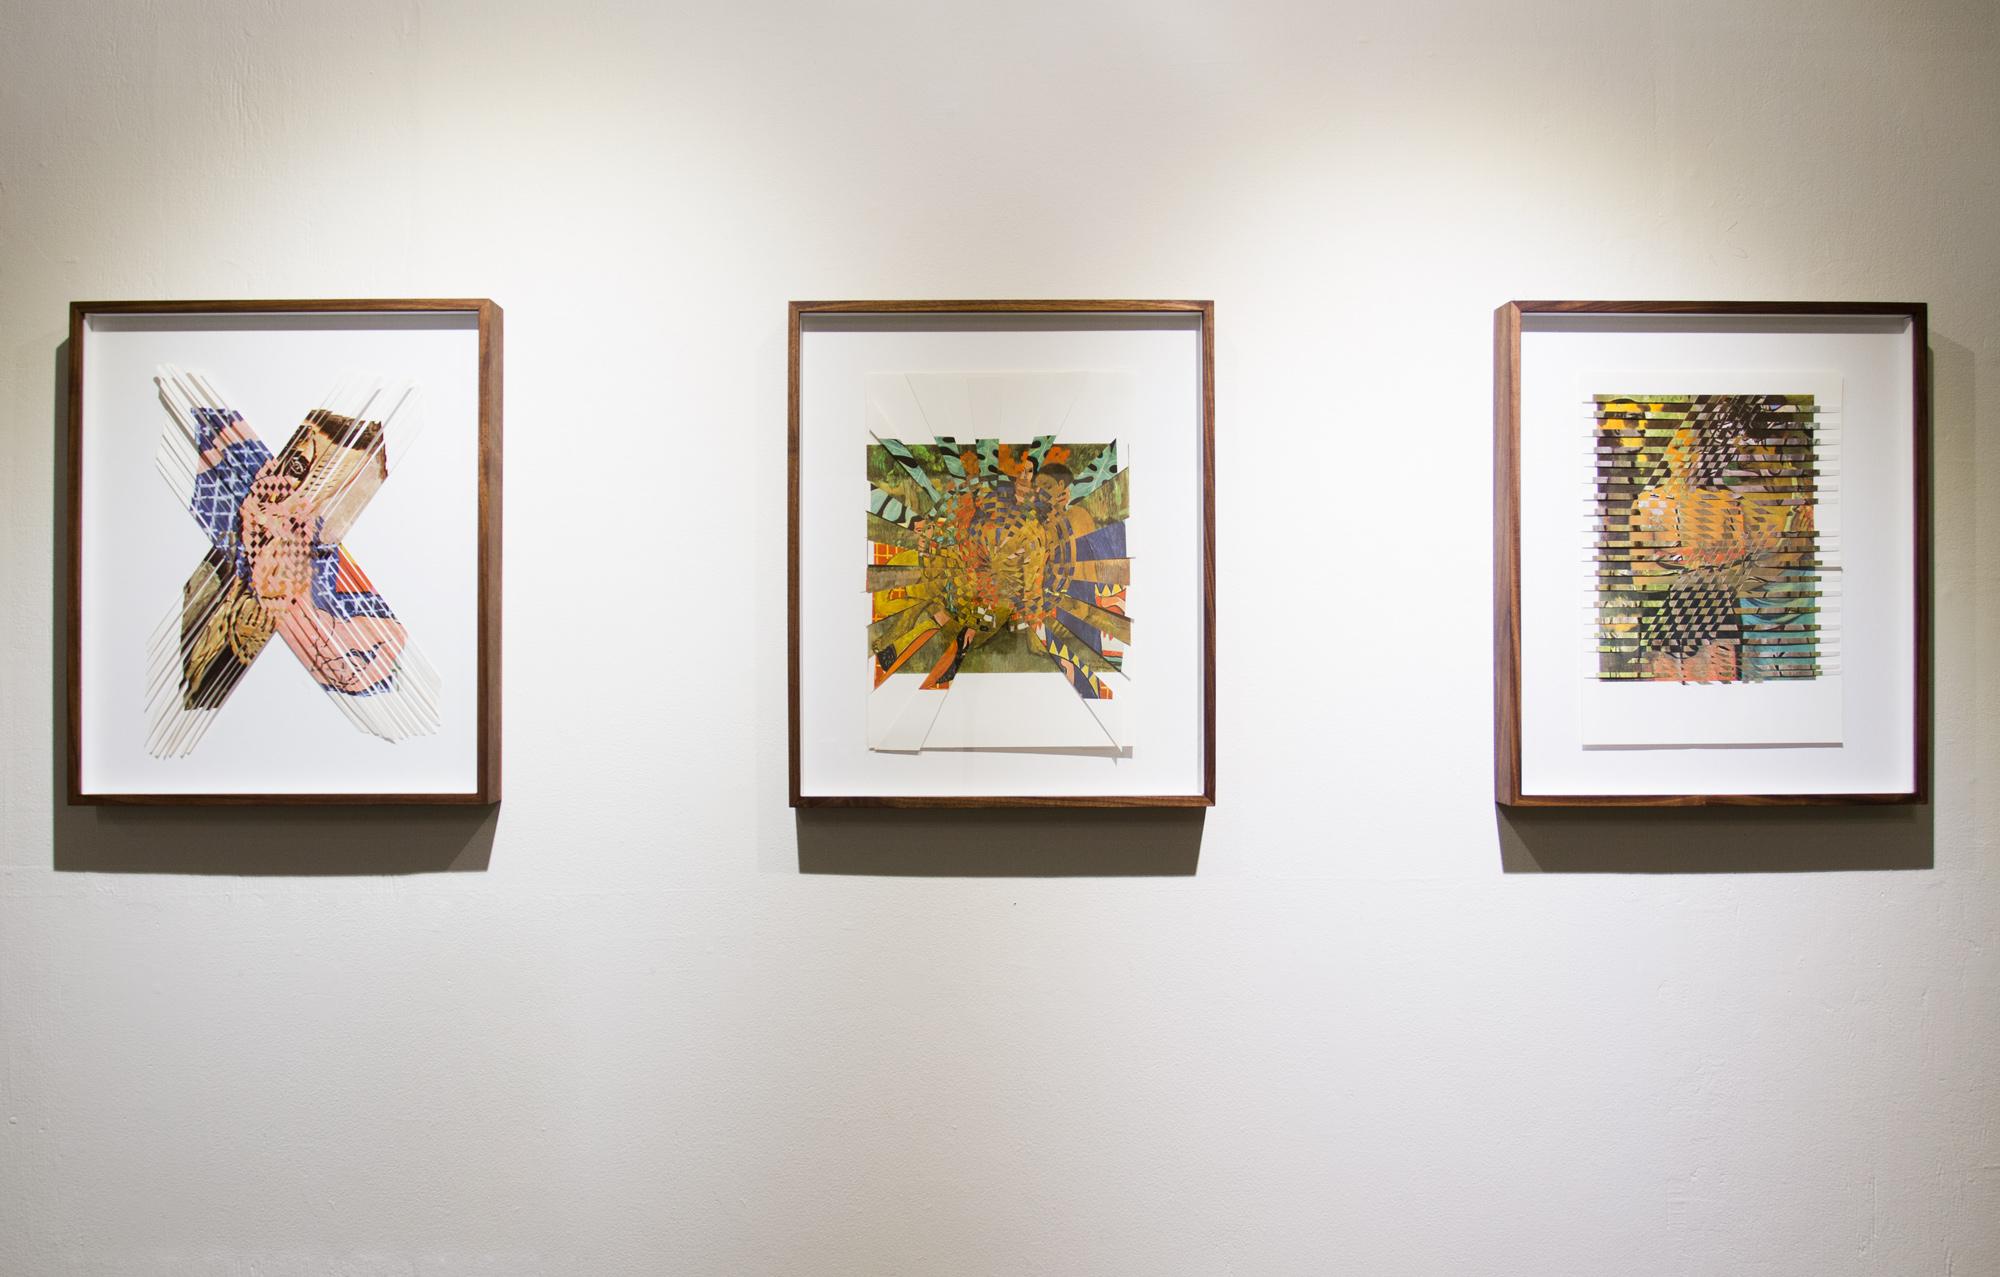 picassomatisse, left, matissegauguin, center, picassogauguin, right. 2016, paper weavings, 16 x 20 in ea.